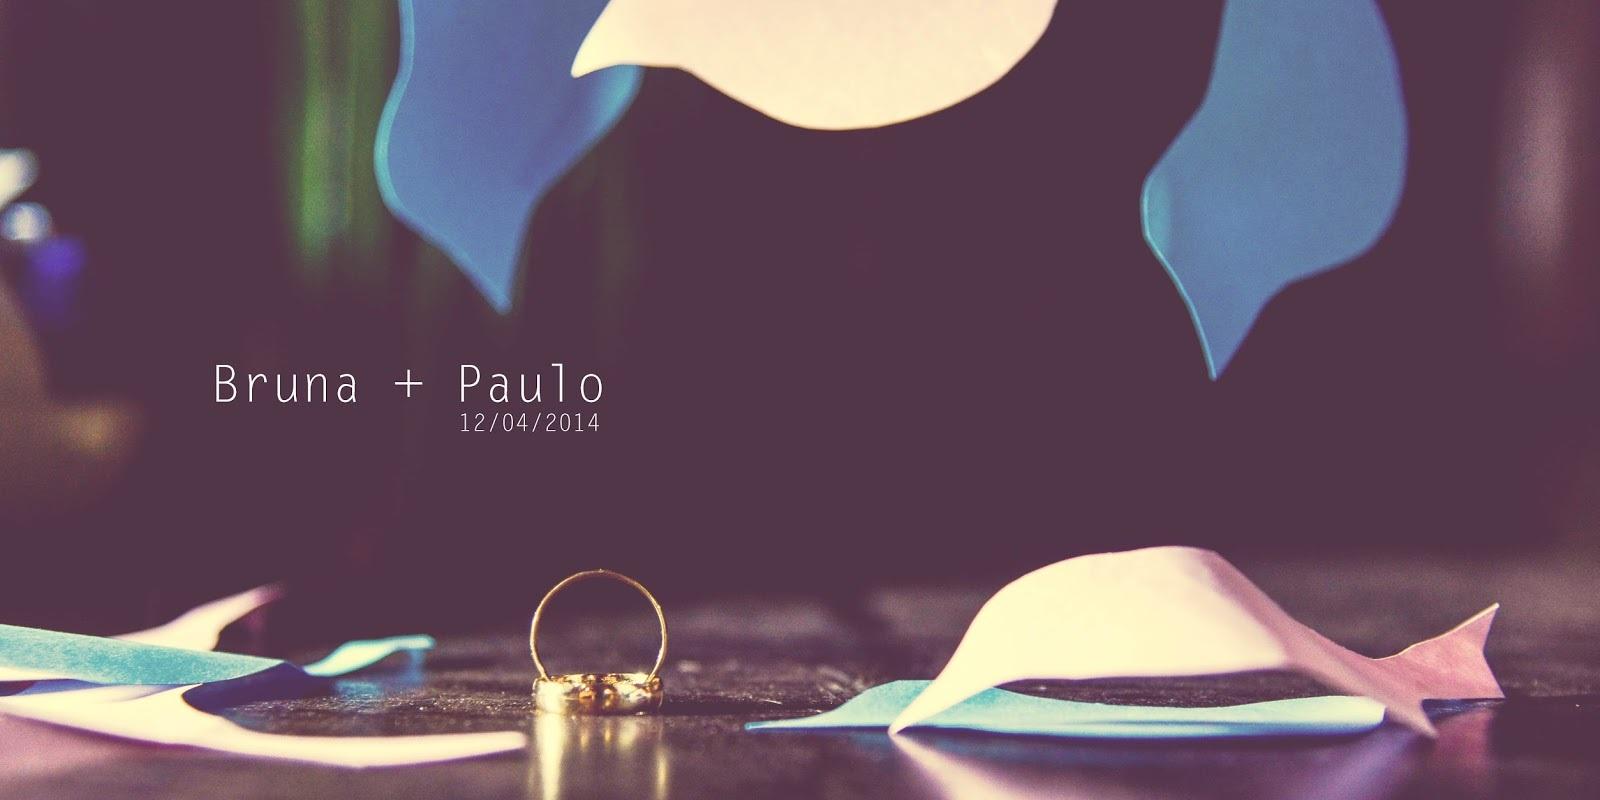 Casamento: Bruna & Paulo - 12/04/2014